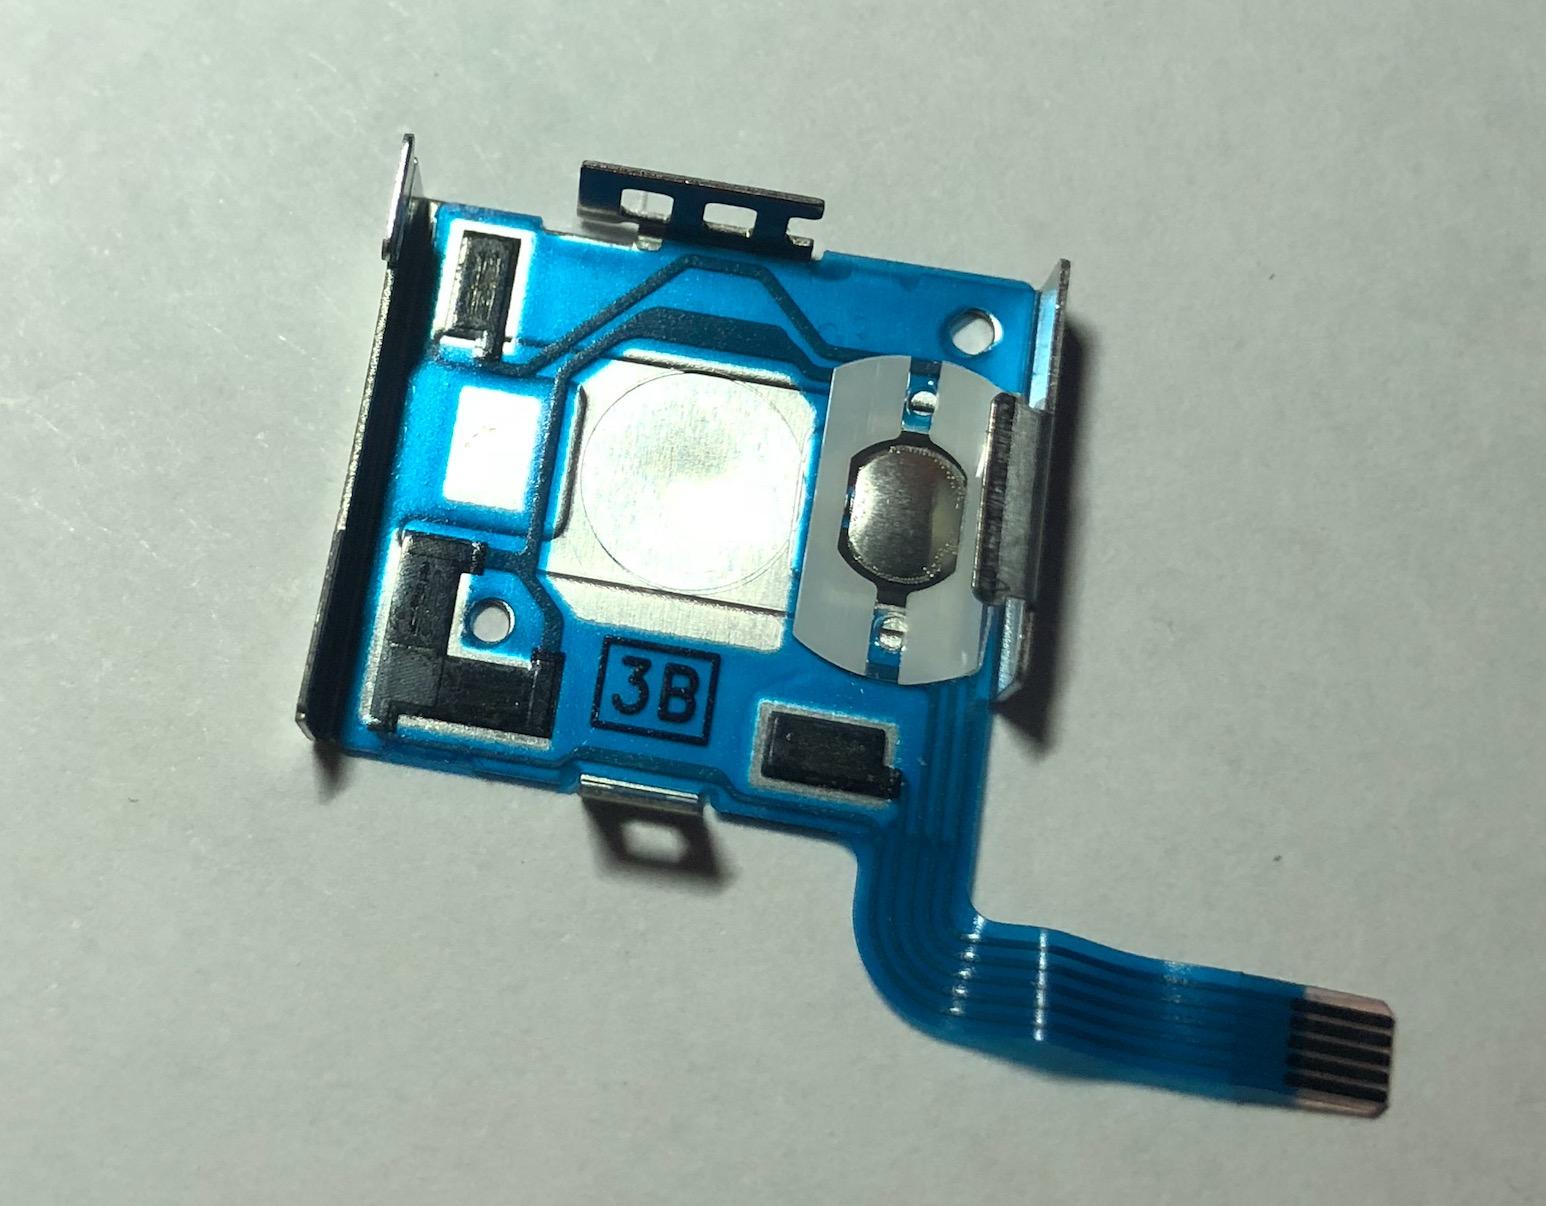 EDC Réparation électronique : Liste de matériel pour un repair café / pour un atelier post-cata Captu535